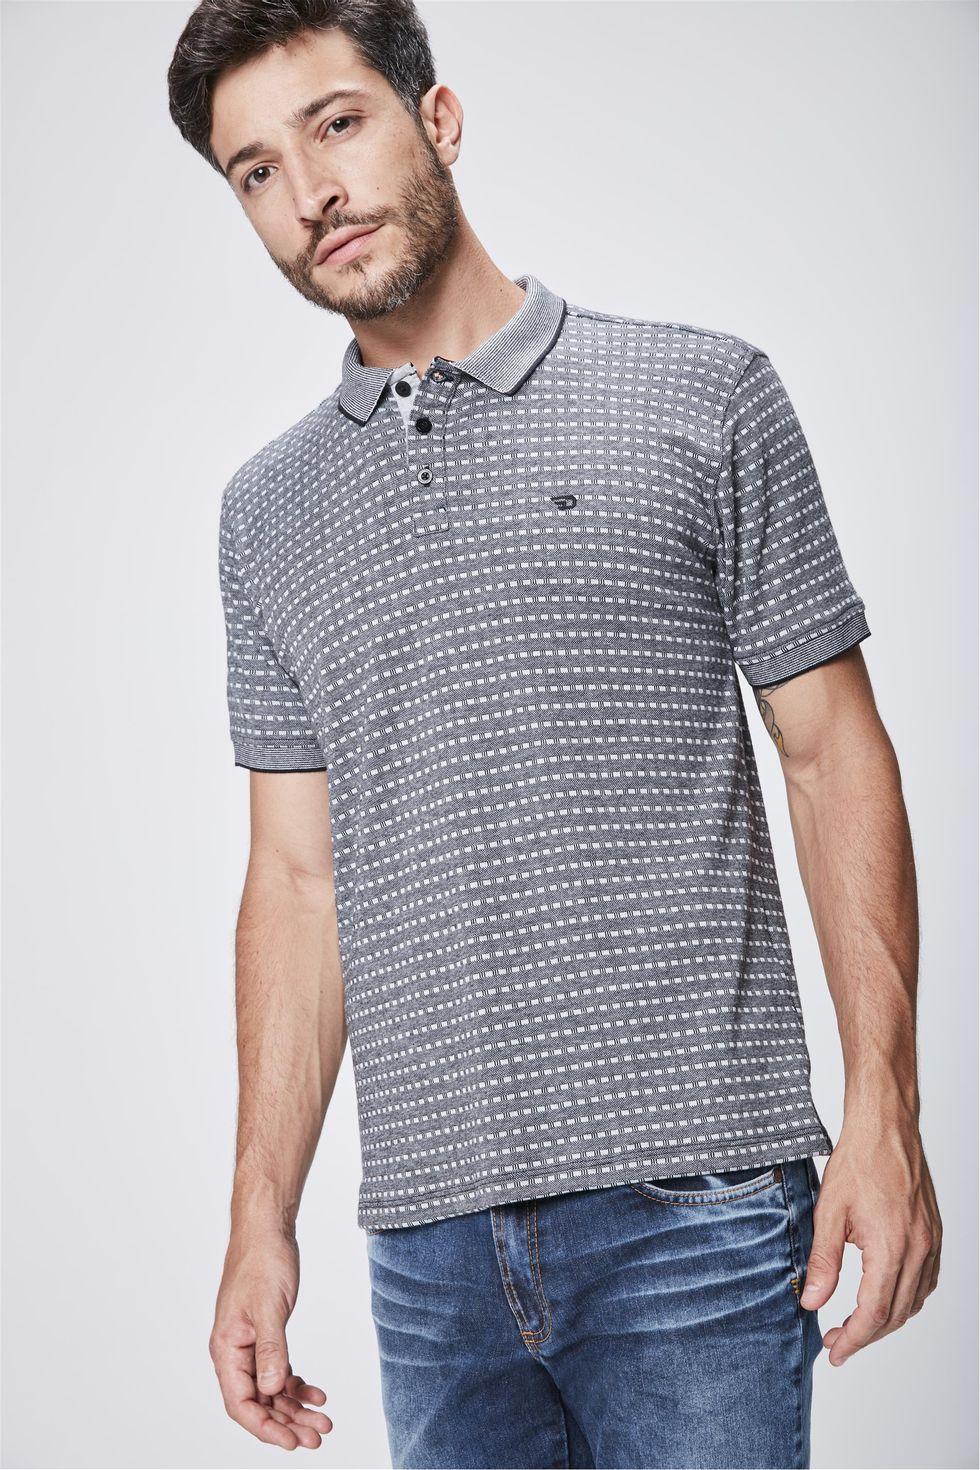 Camisa-Polo-com-Detalhes-Masculina-Frente--